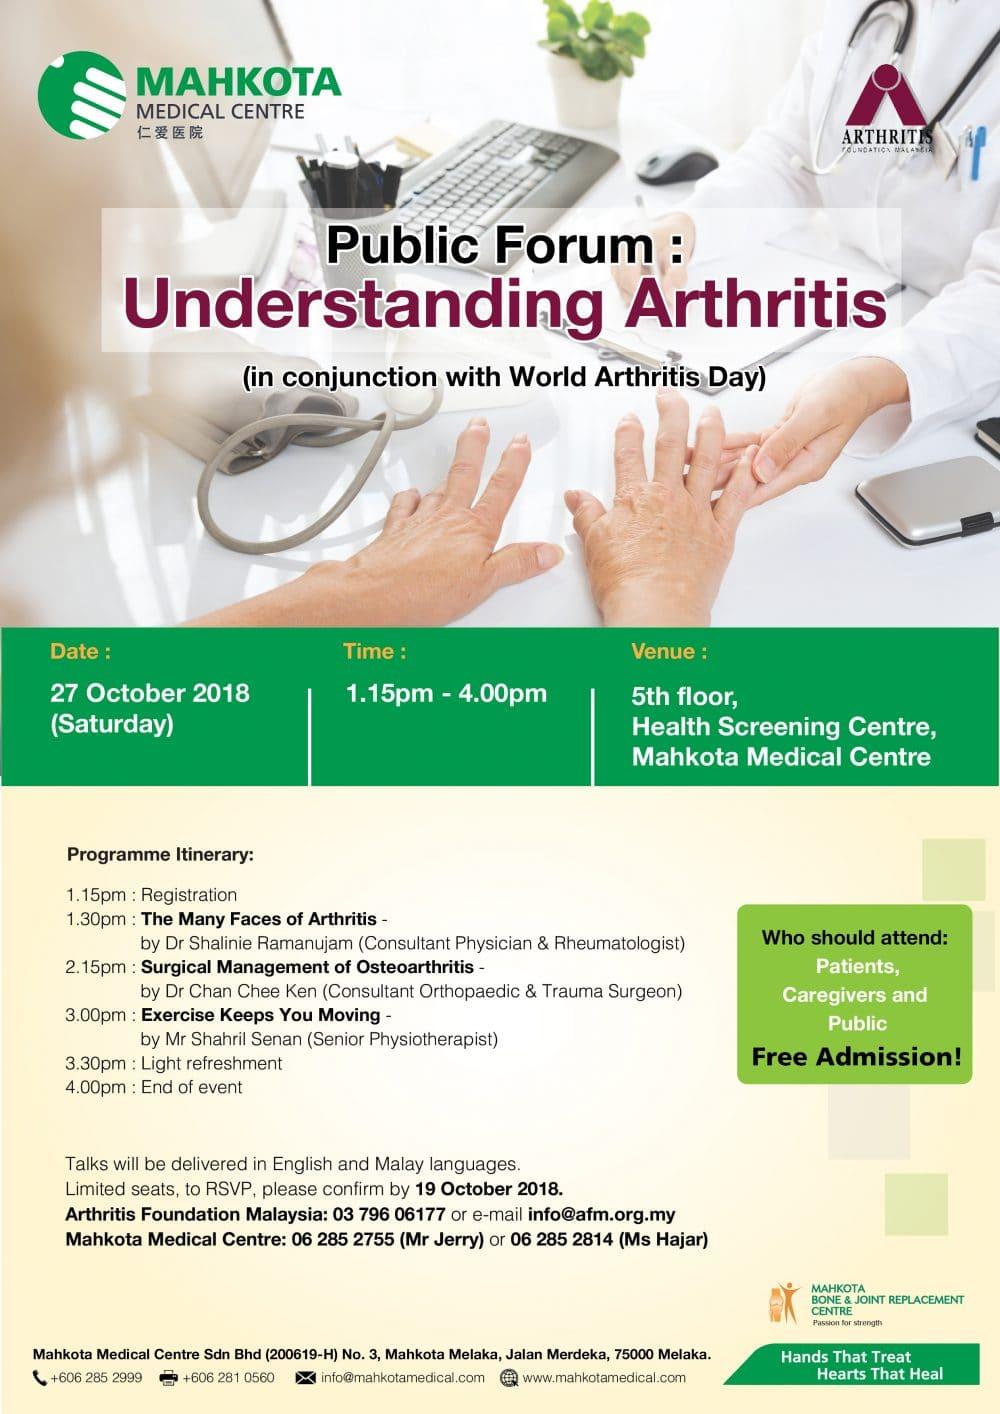 Arthritis-Public-Forum-2018-01